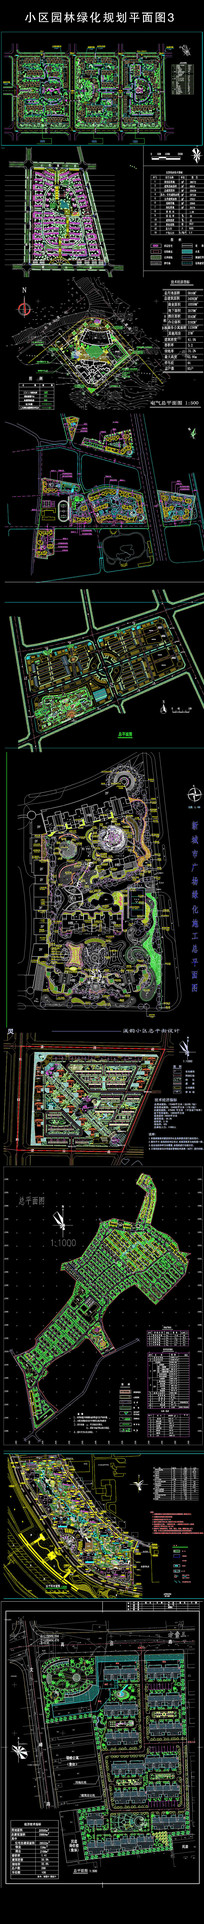 小区楼盘园林绿化规划平面图